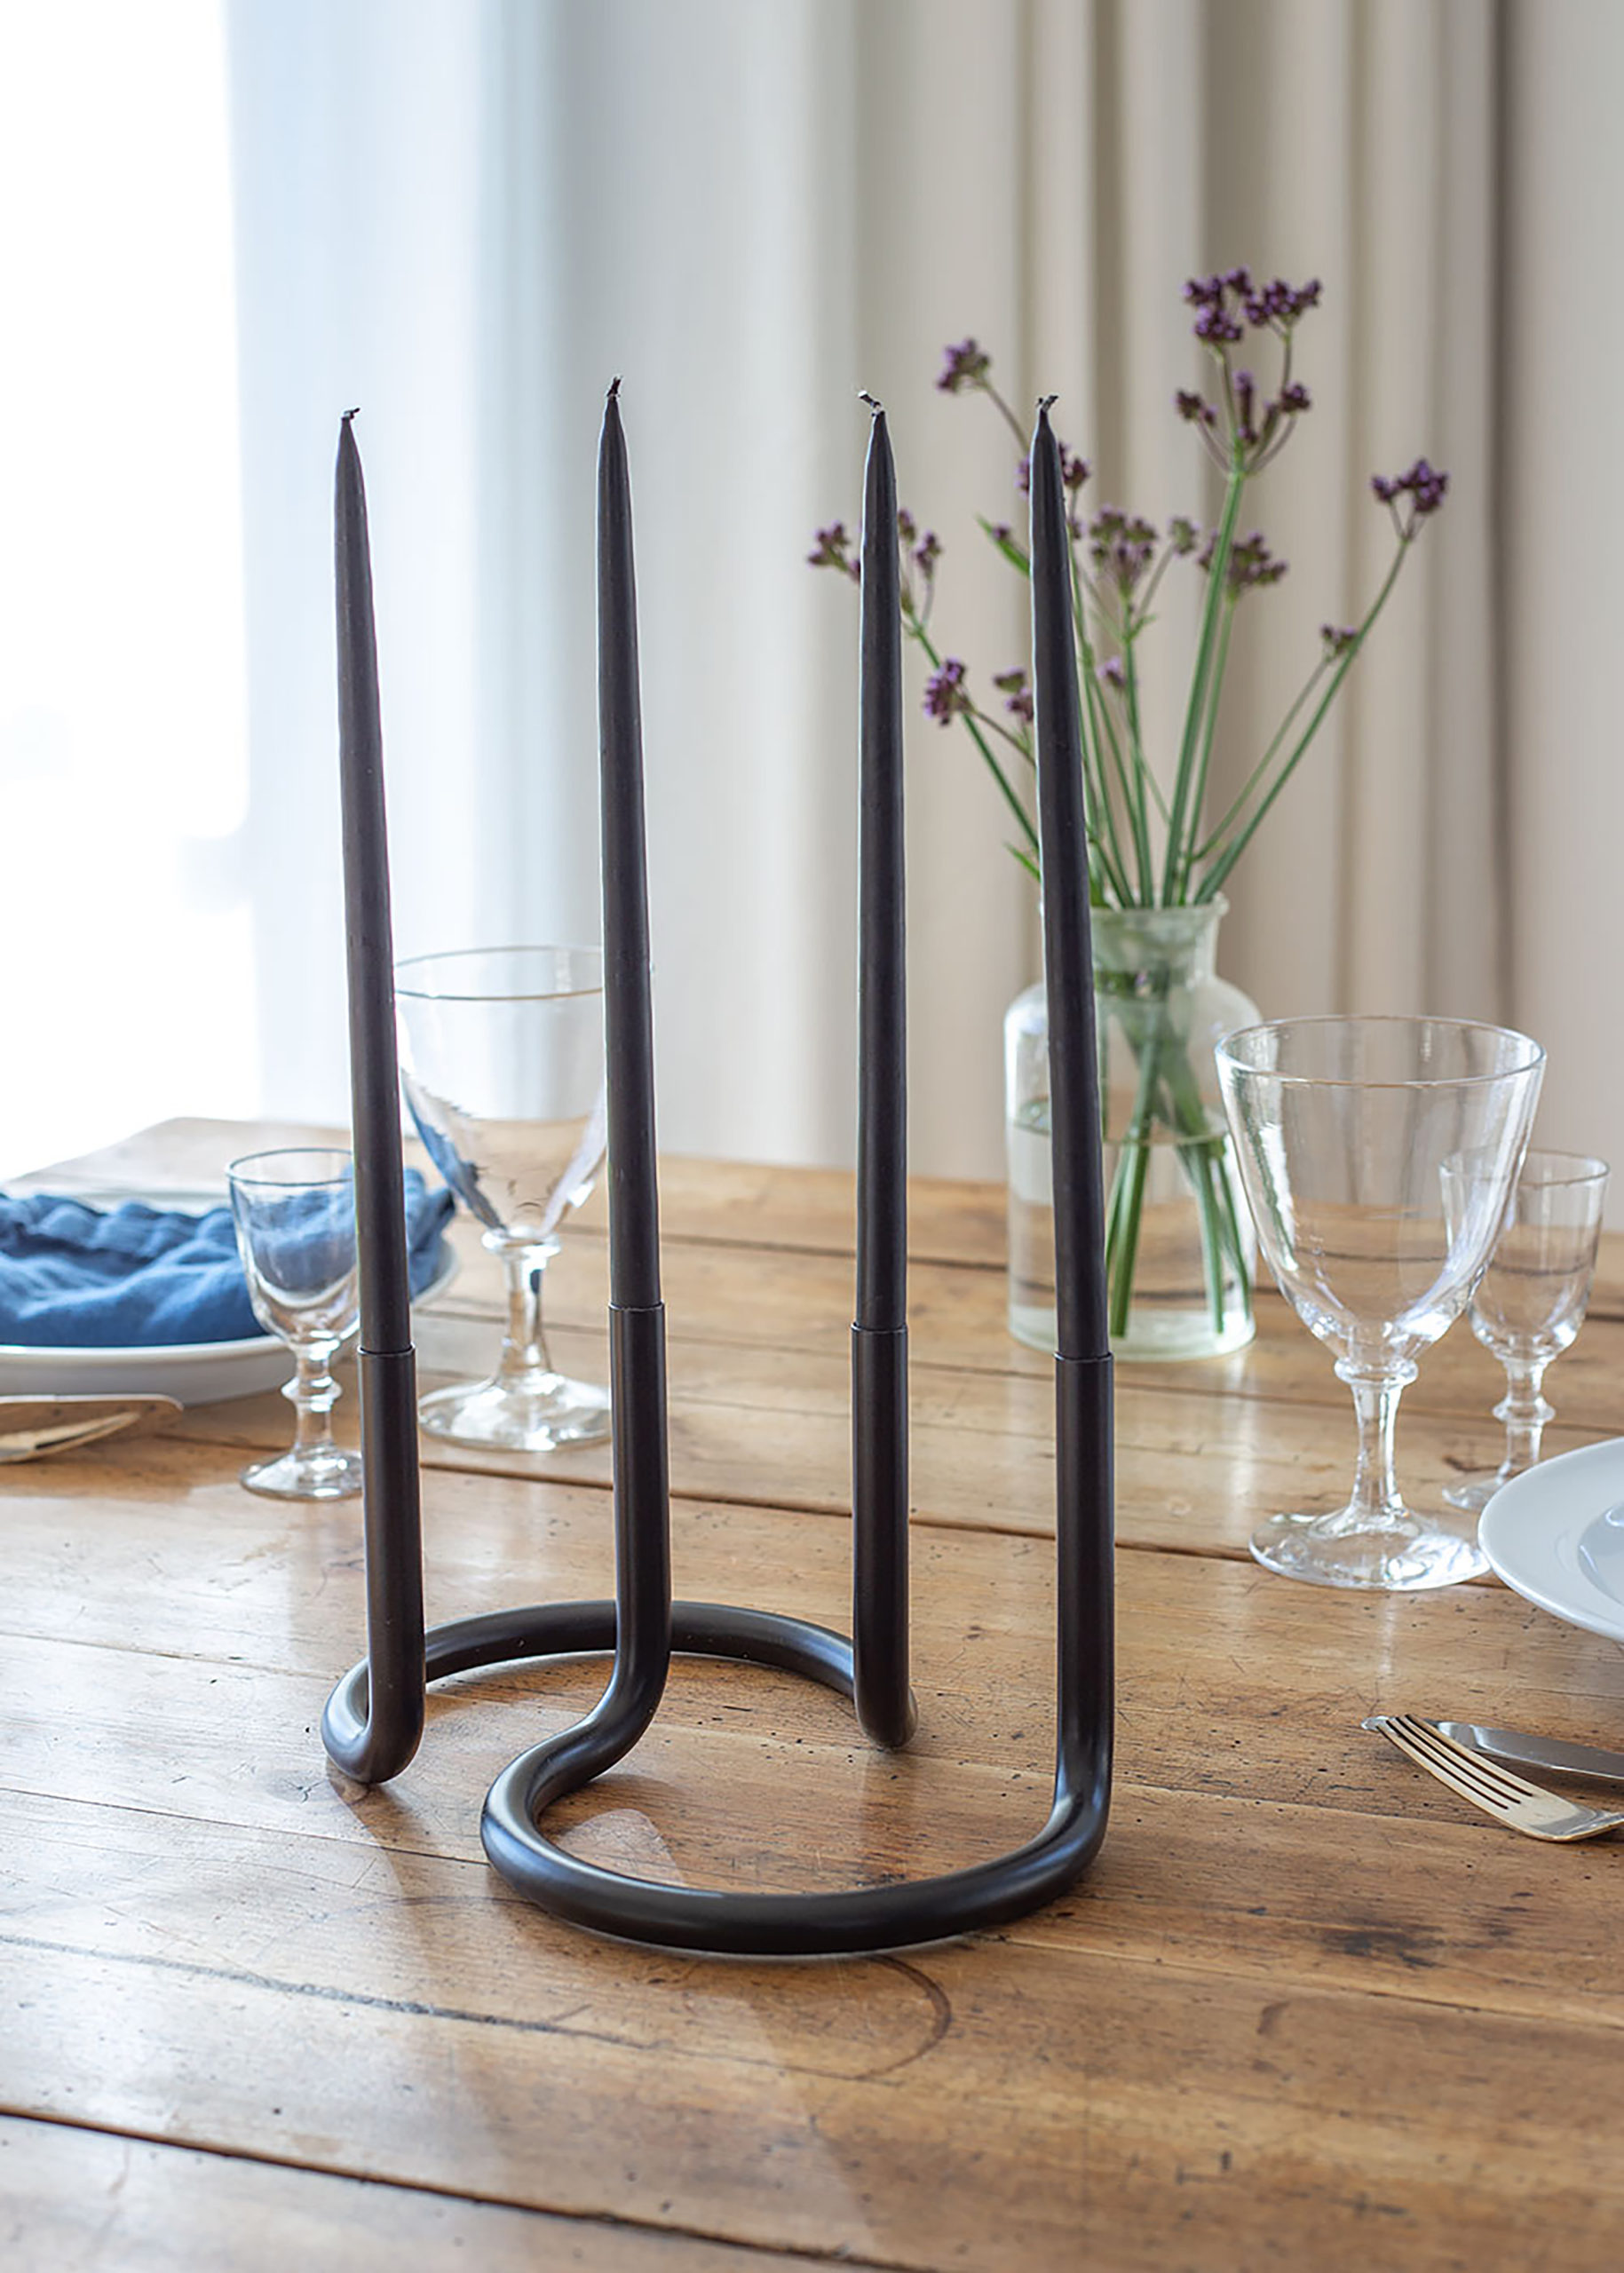 Architectmade-Gemini-Candleholder-Stainless-Steel-Denmark-Peter-Karpf-3